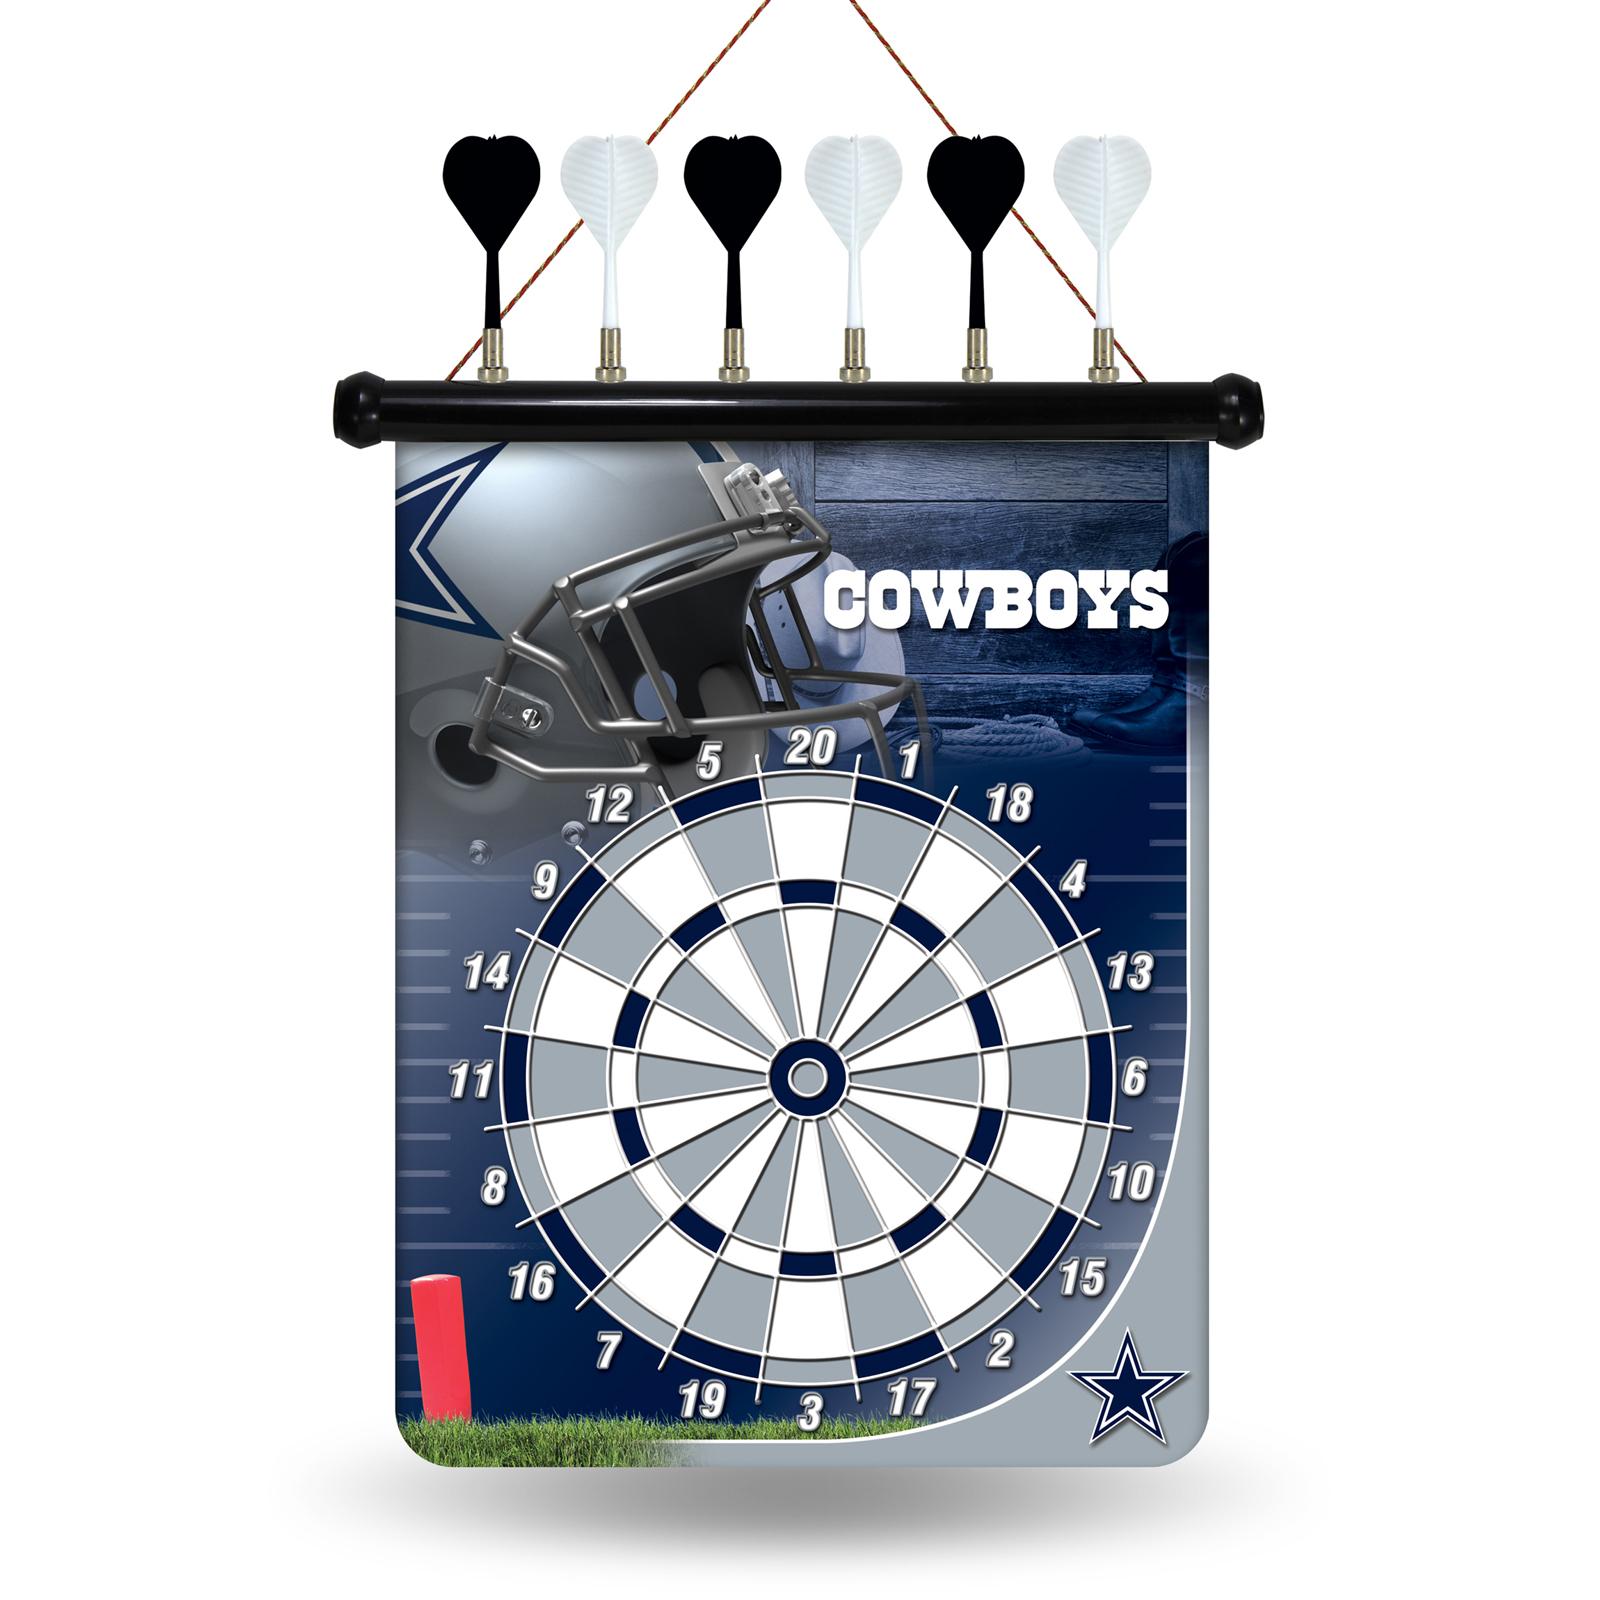 Rico Dallas Cowboys Magnetic Dart Set PartNumber: 00644807000P KsnValue: 2156732 MfgPartNumber: 183383